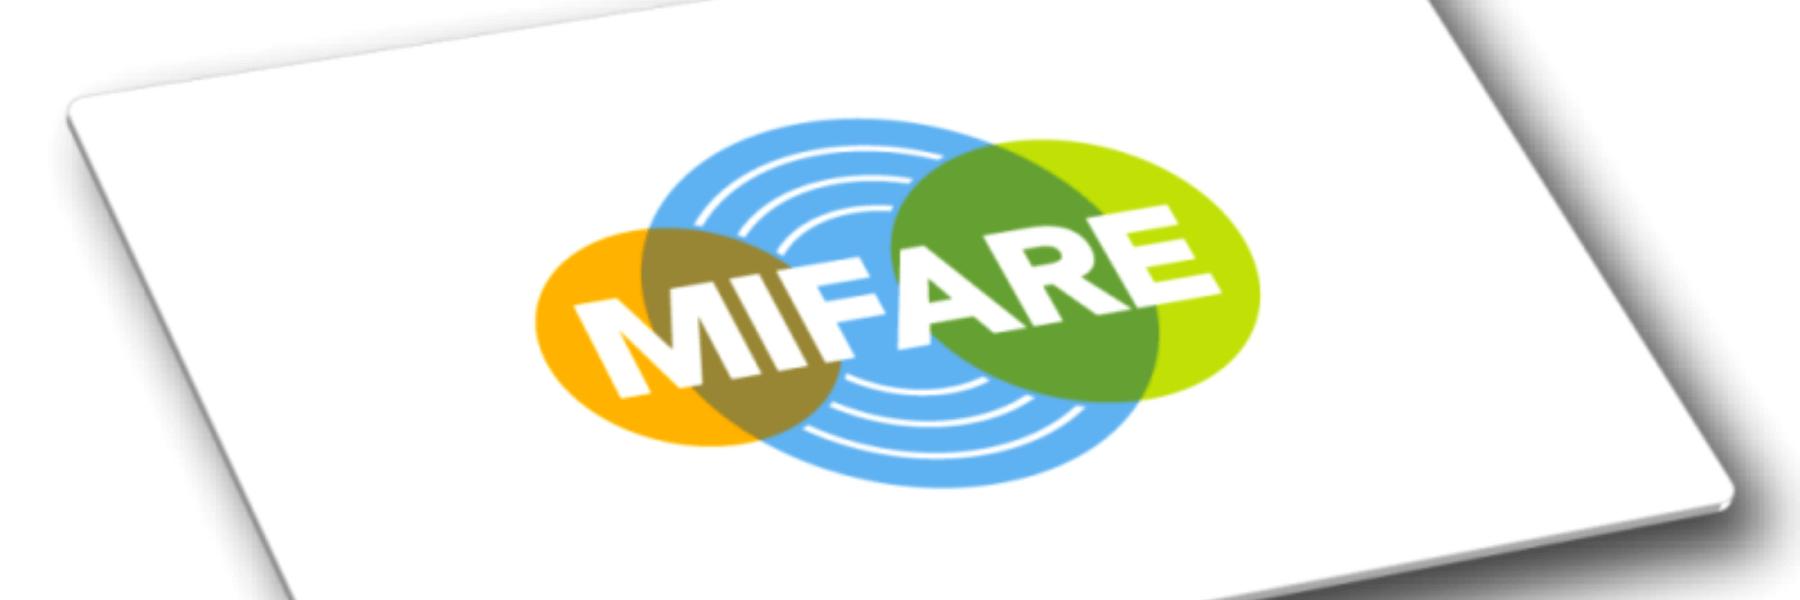 Mifare Card Banner